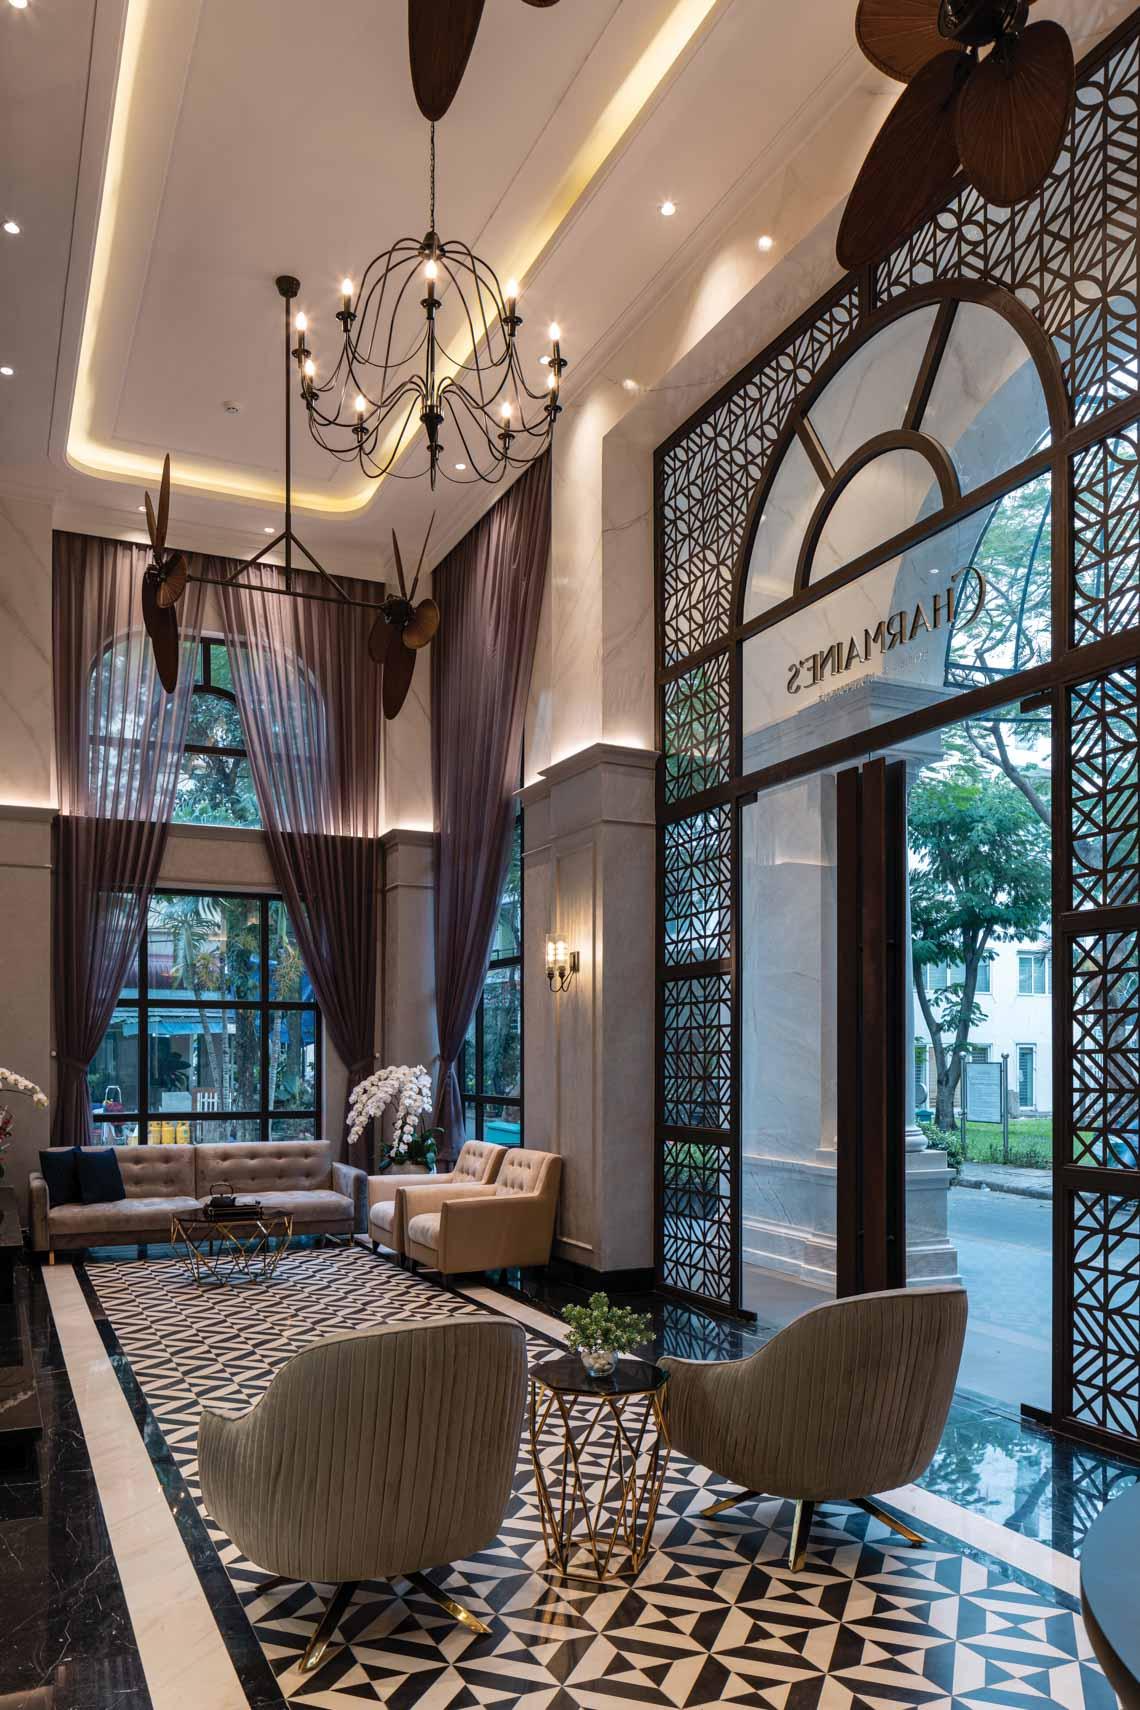 Charmaine's - Một lựa chọn mới để lưu trú ở Sài Gòn - 3